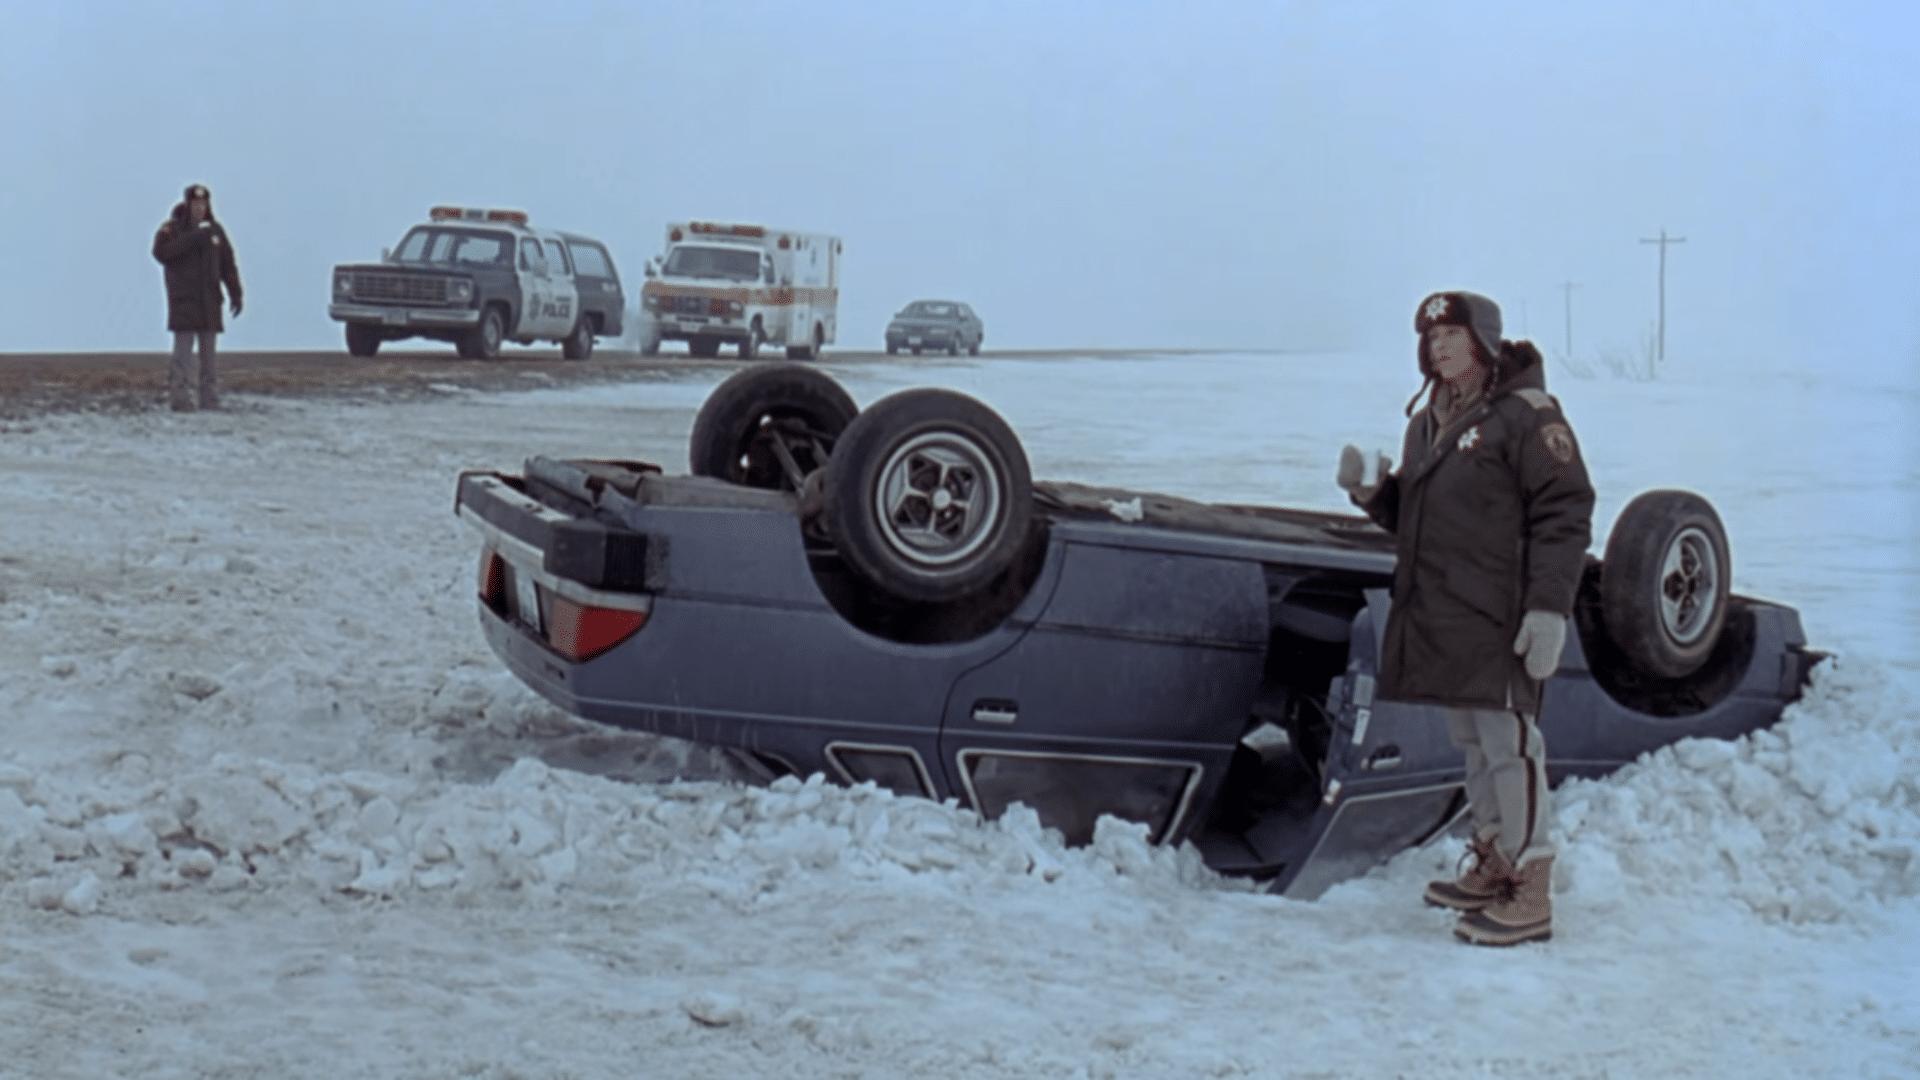 Fargo - a true story?